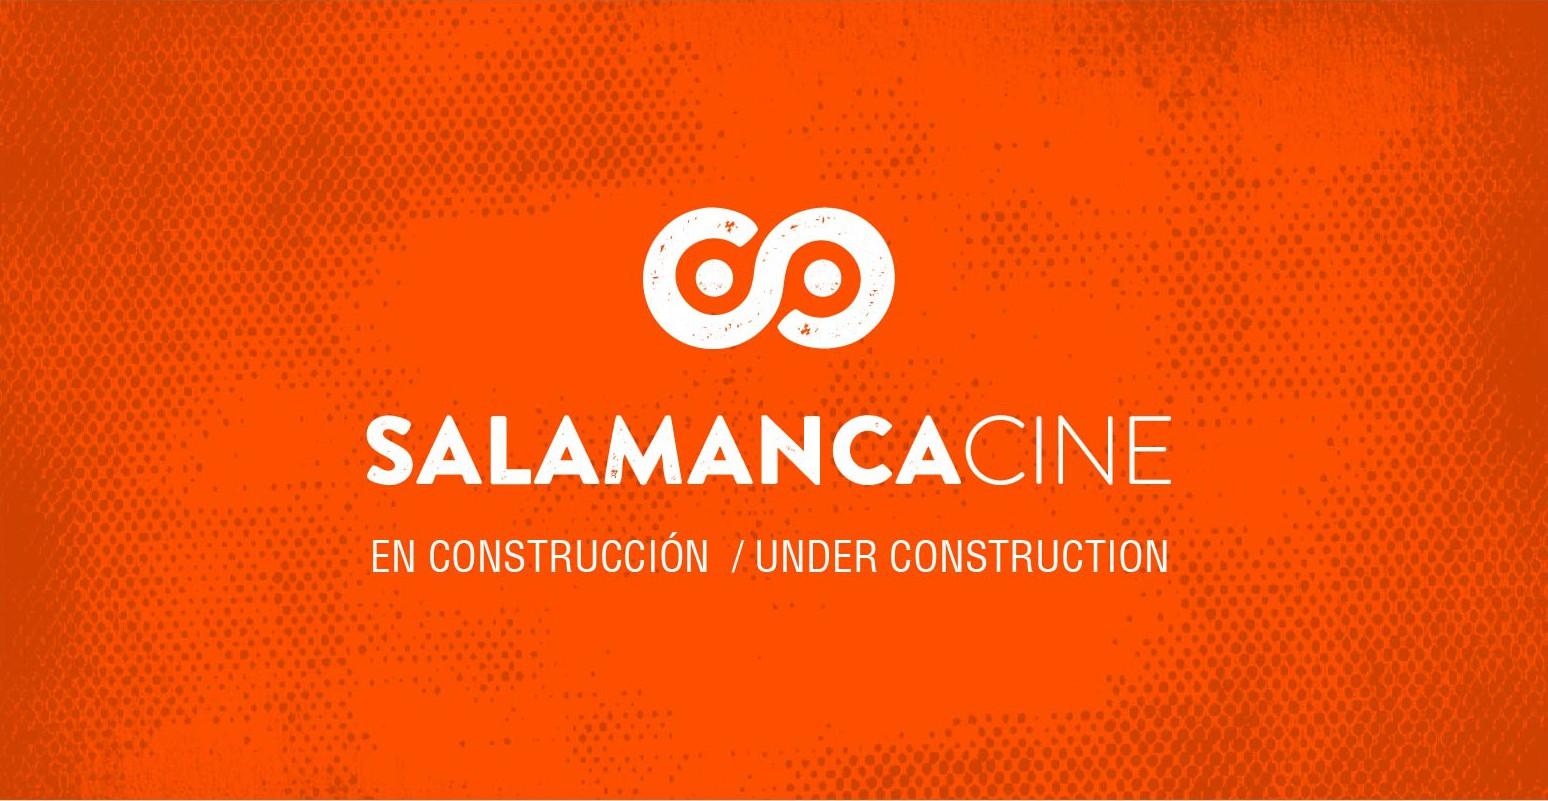 SALAMANCA EN CONSTRUCCION